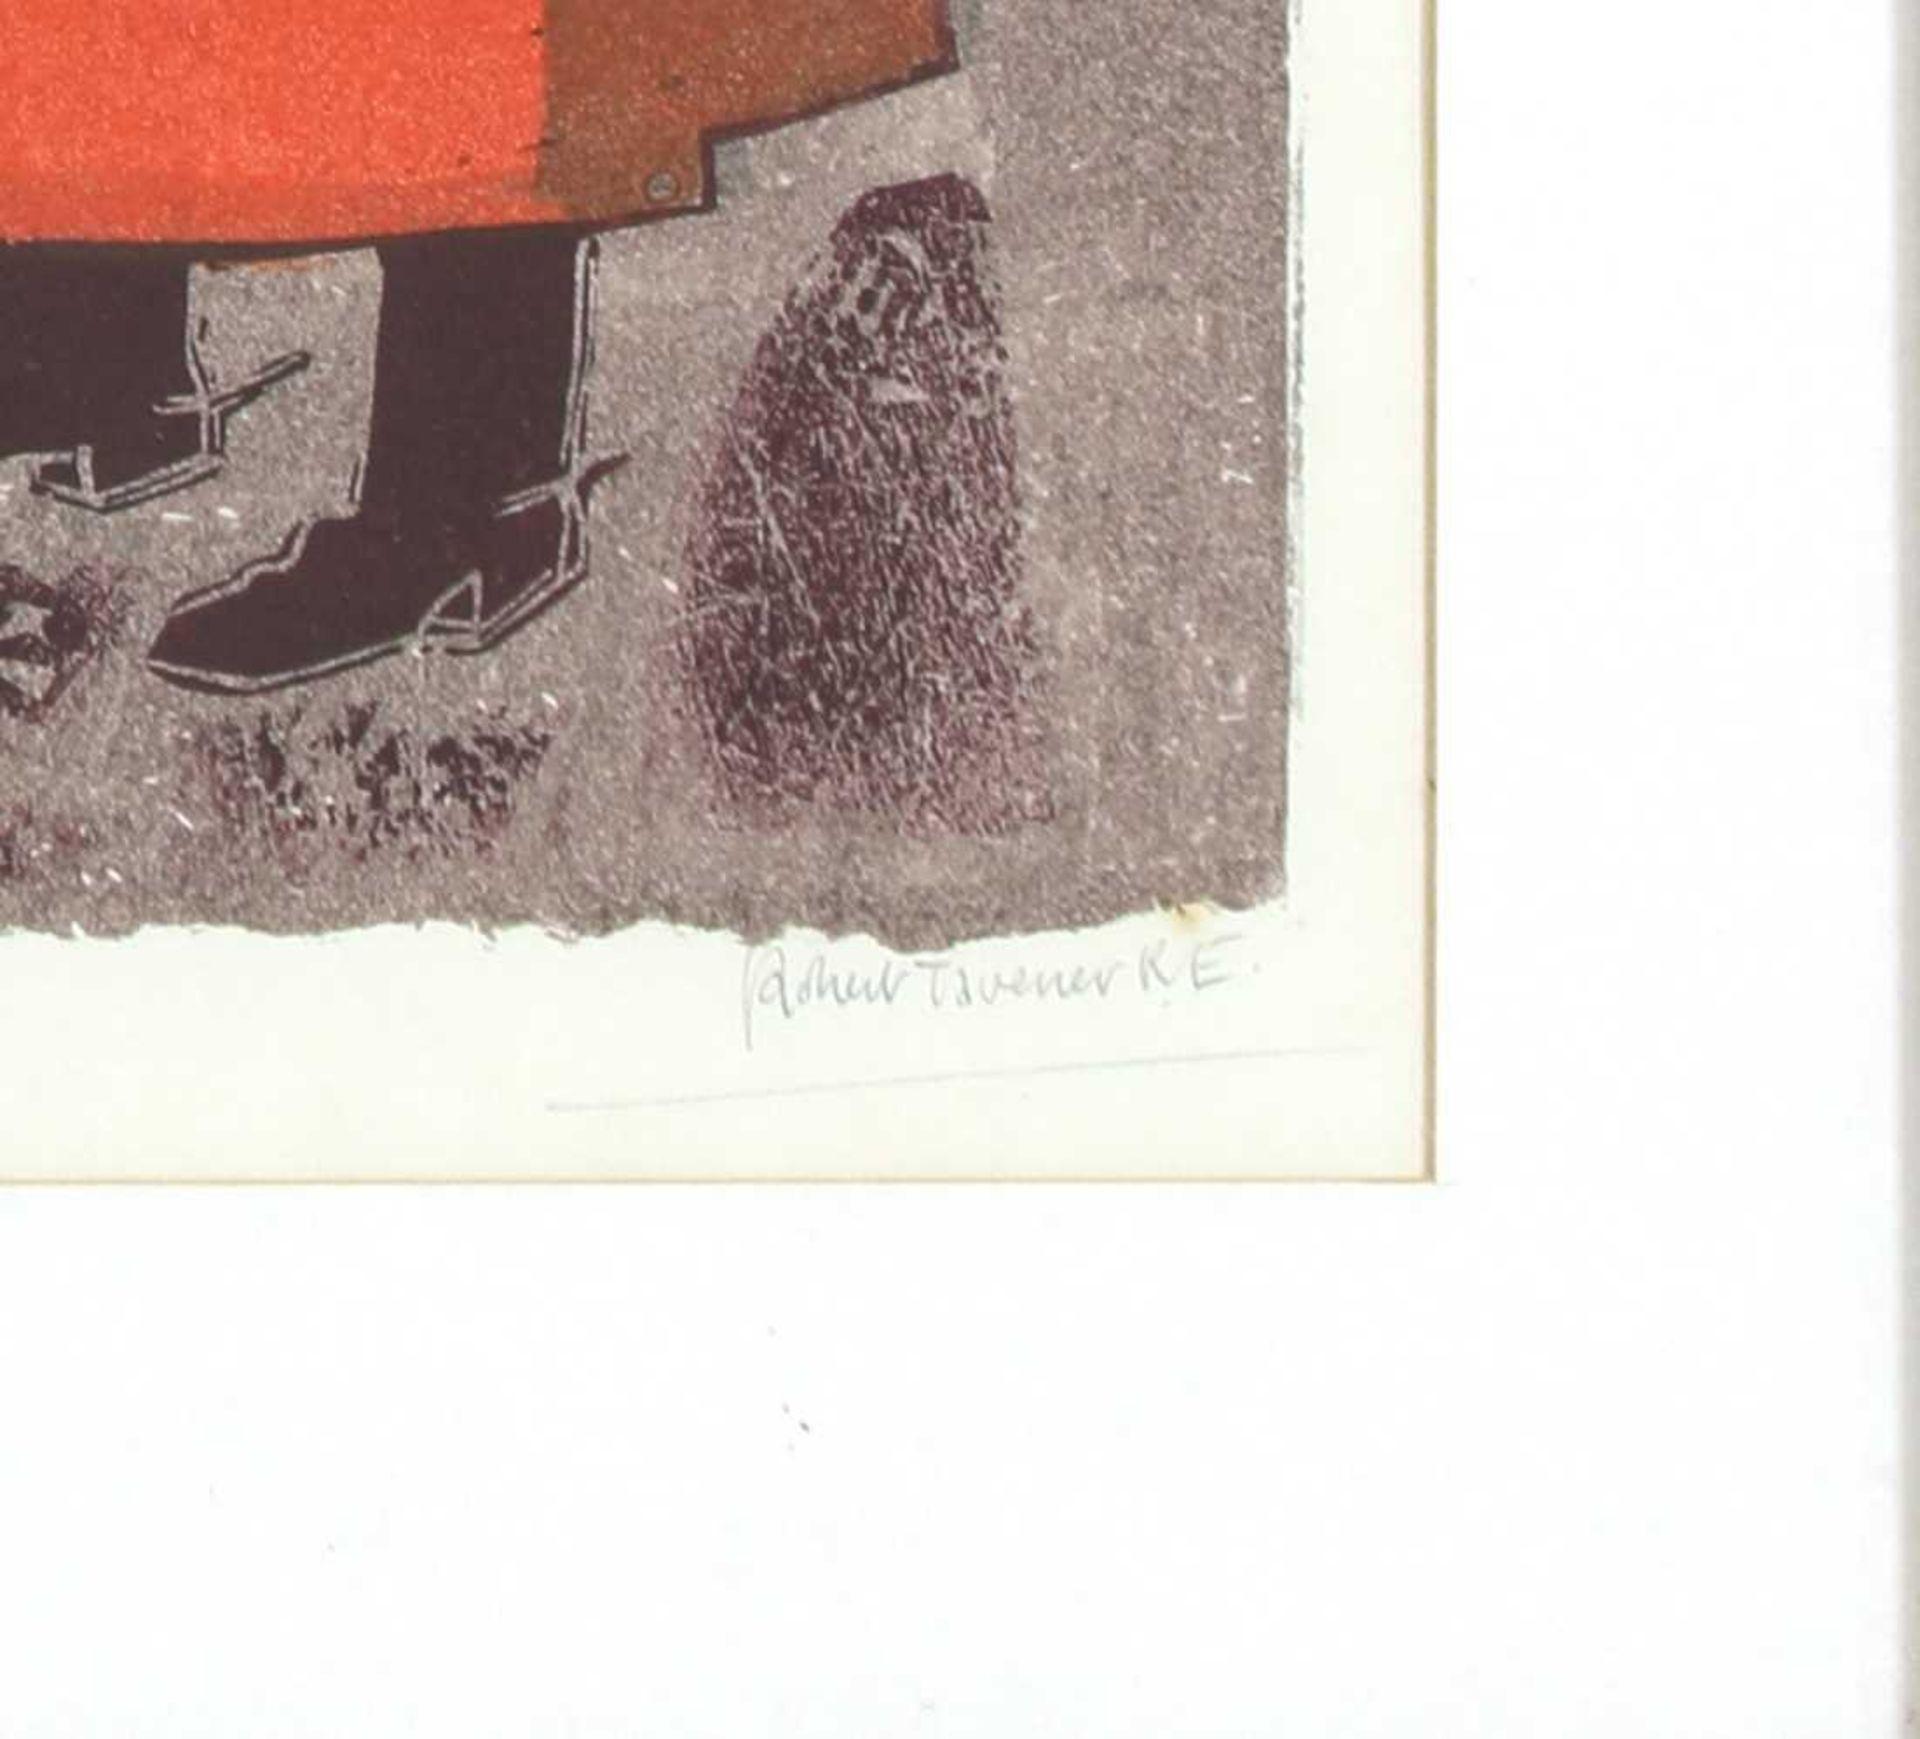 *ROBERT TAVENER (1920-2004) - Image 3 of 4